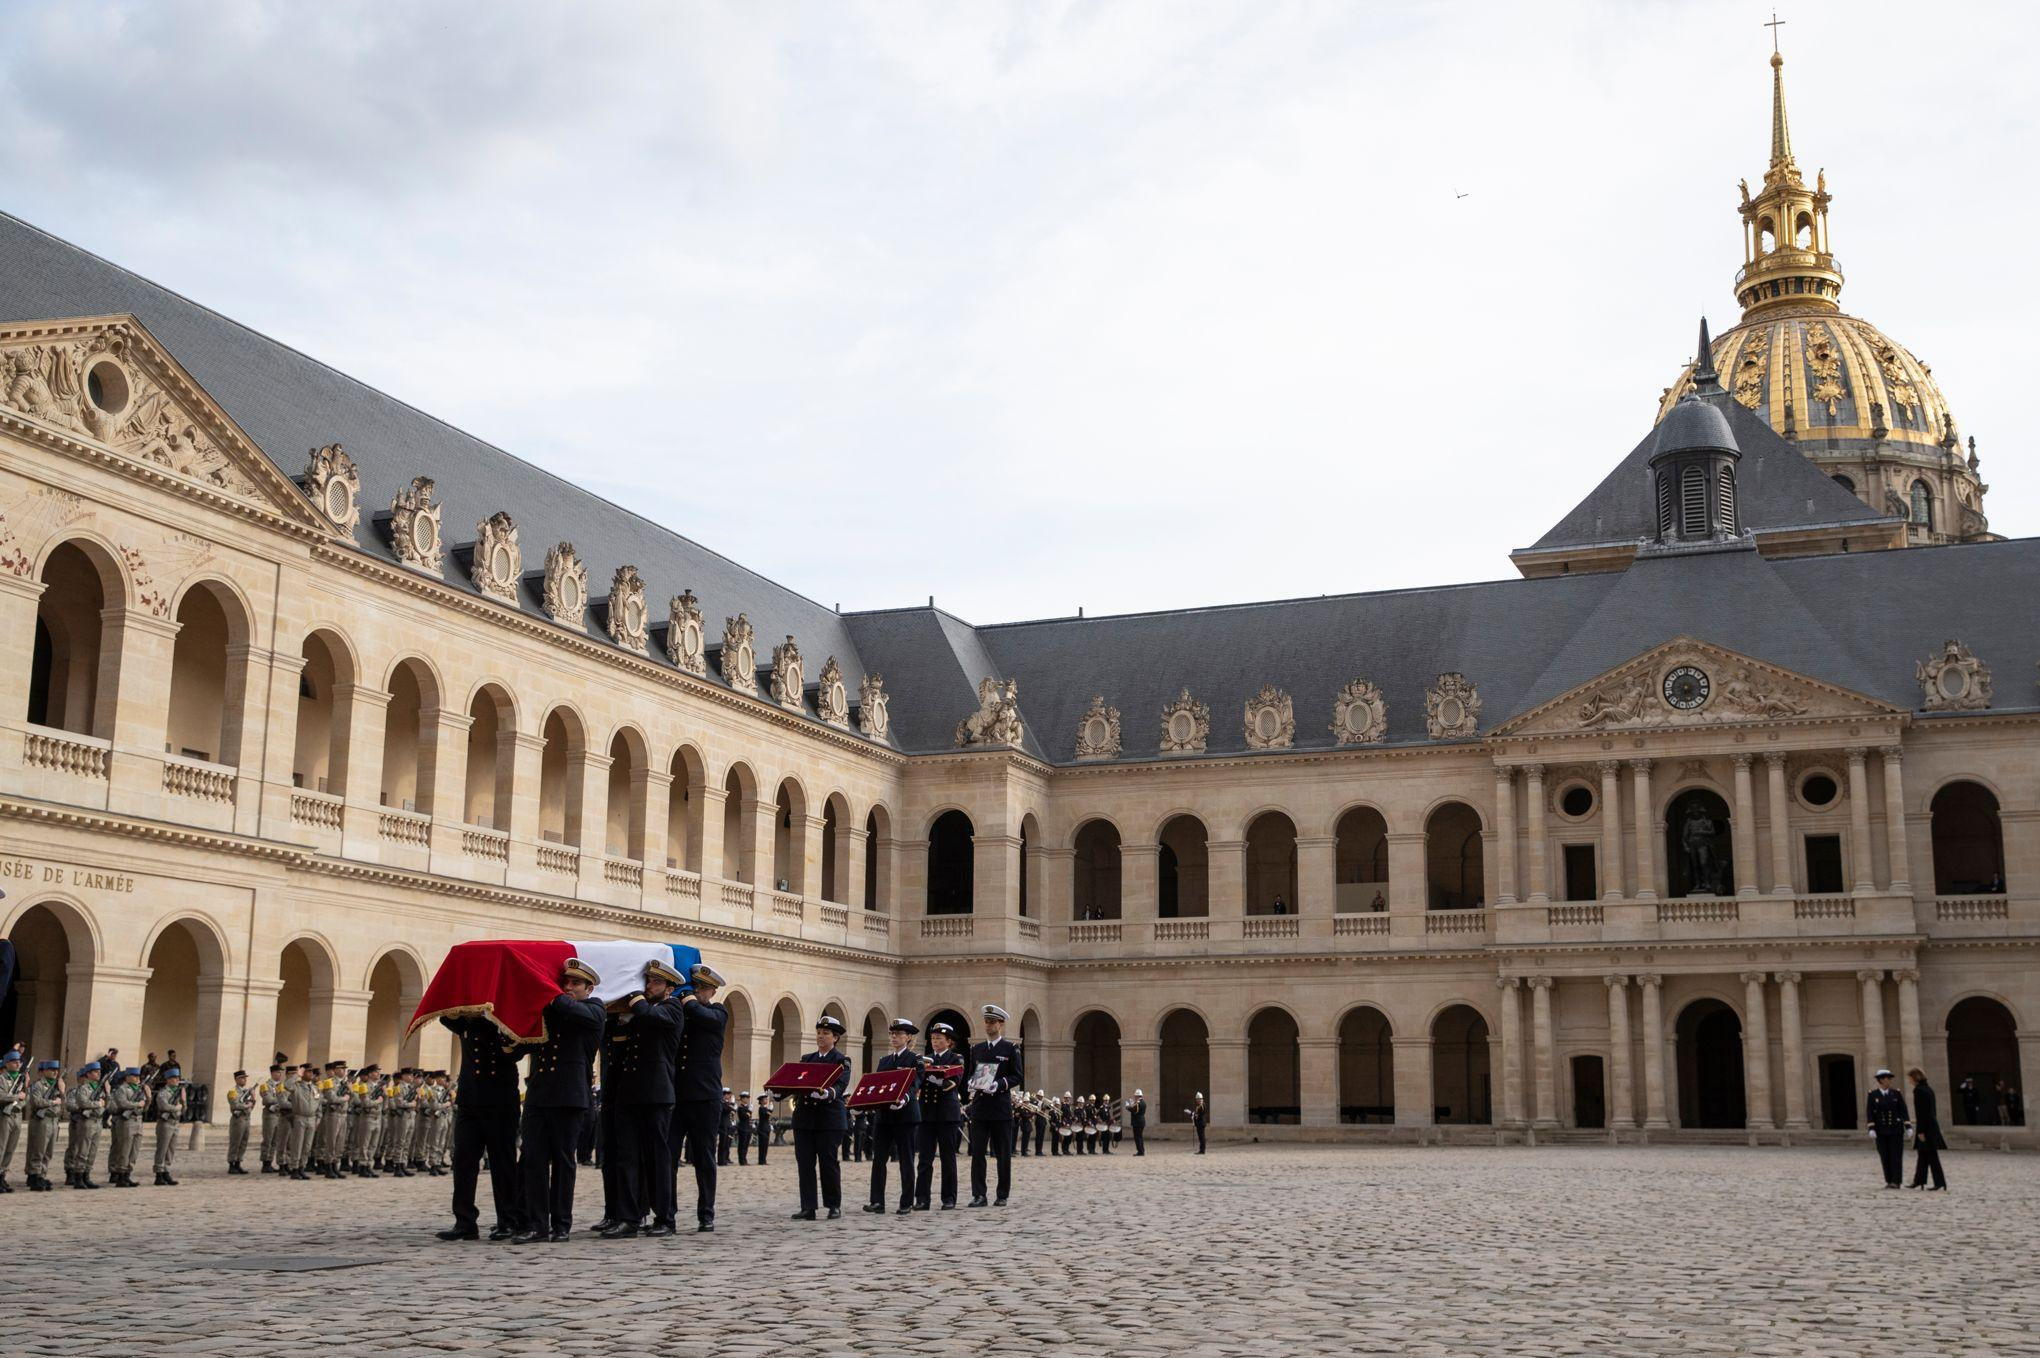 «Sommes-nous dignes des sacrifices de nos soldats?» – Le Figaro 15/05/2019